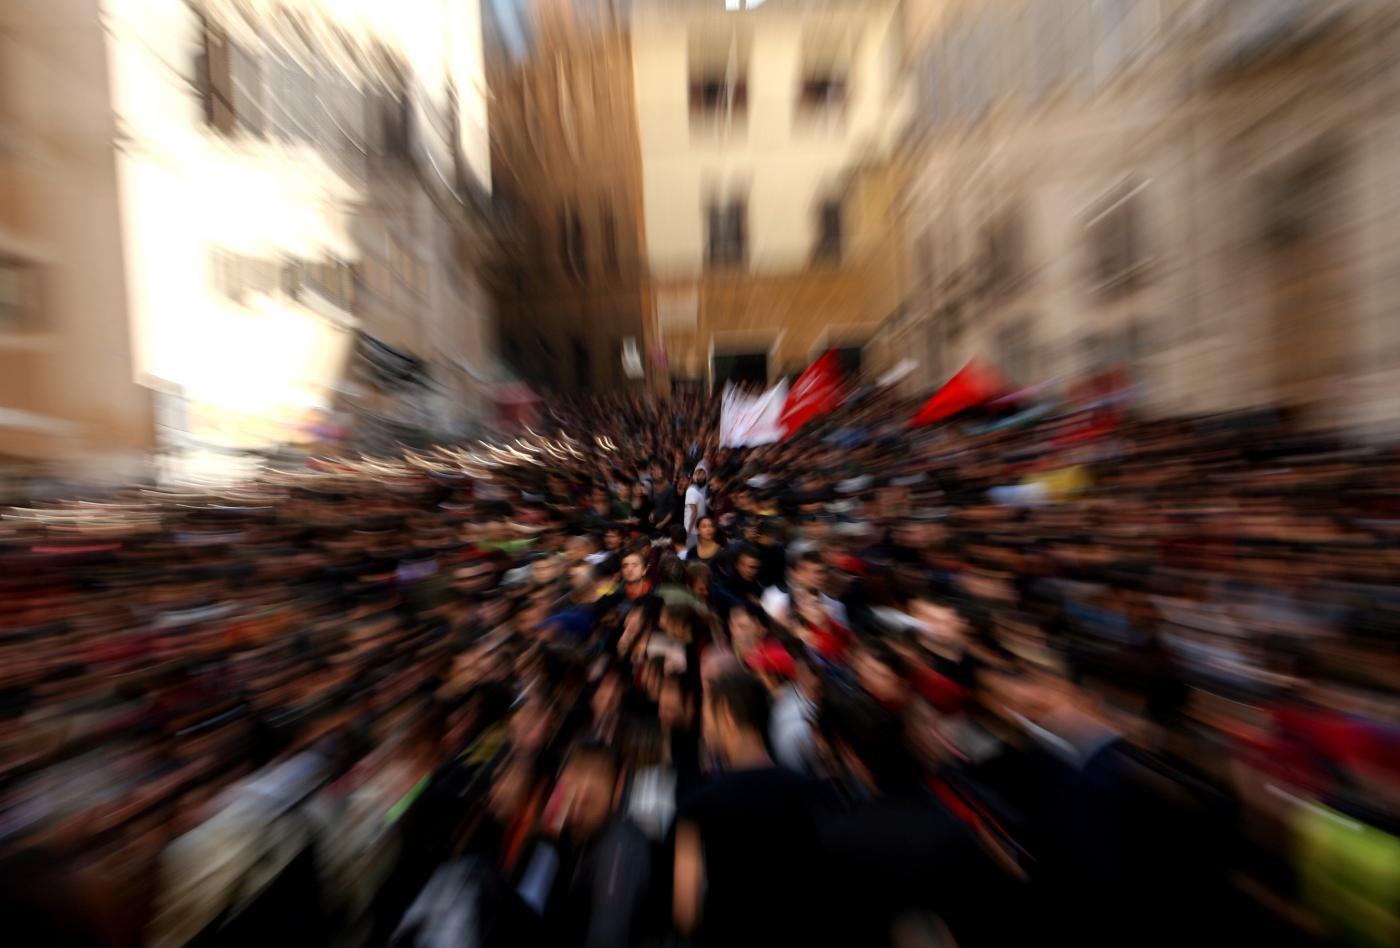 Disoccupazione: 'L'estate di noi studenti lavoratori'